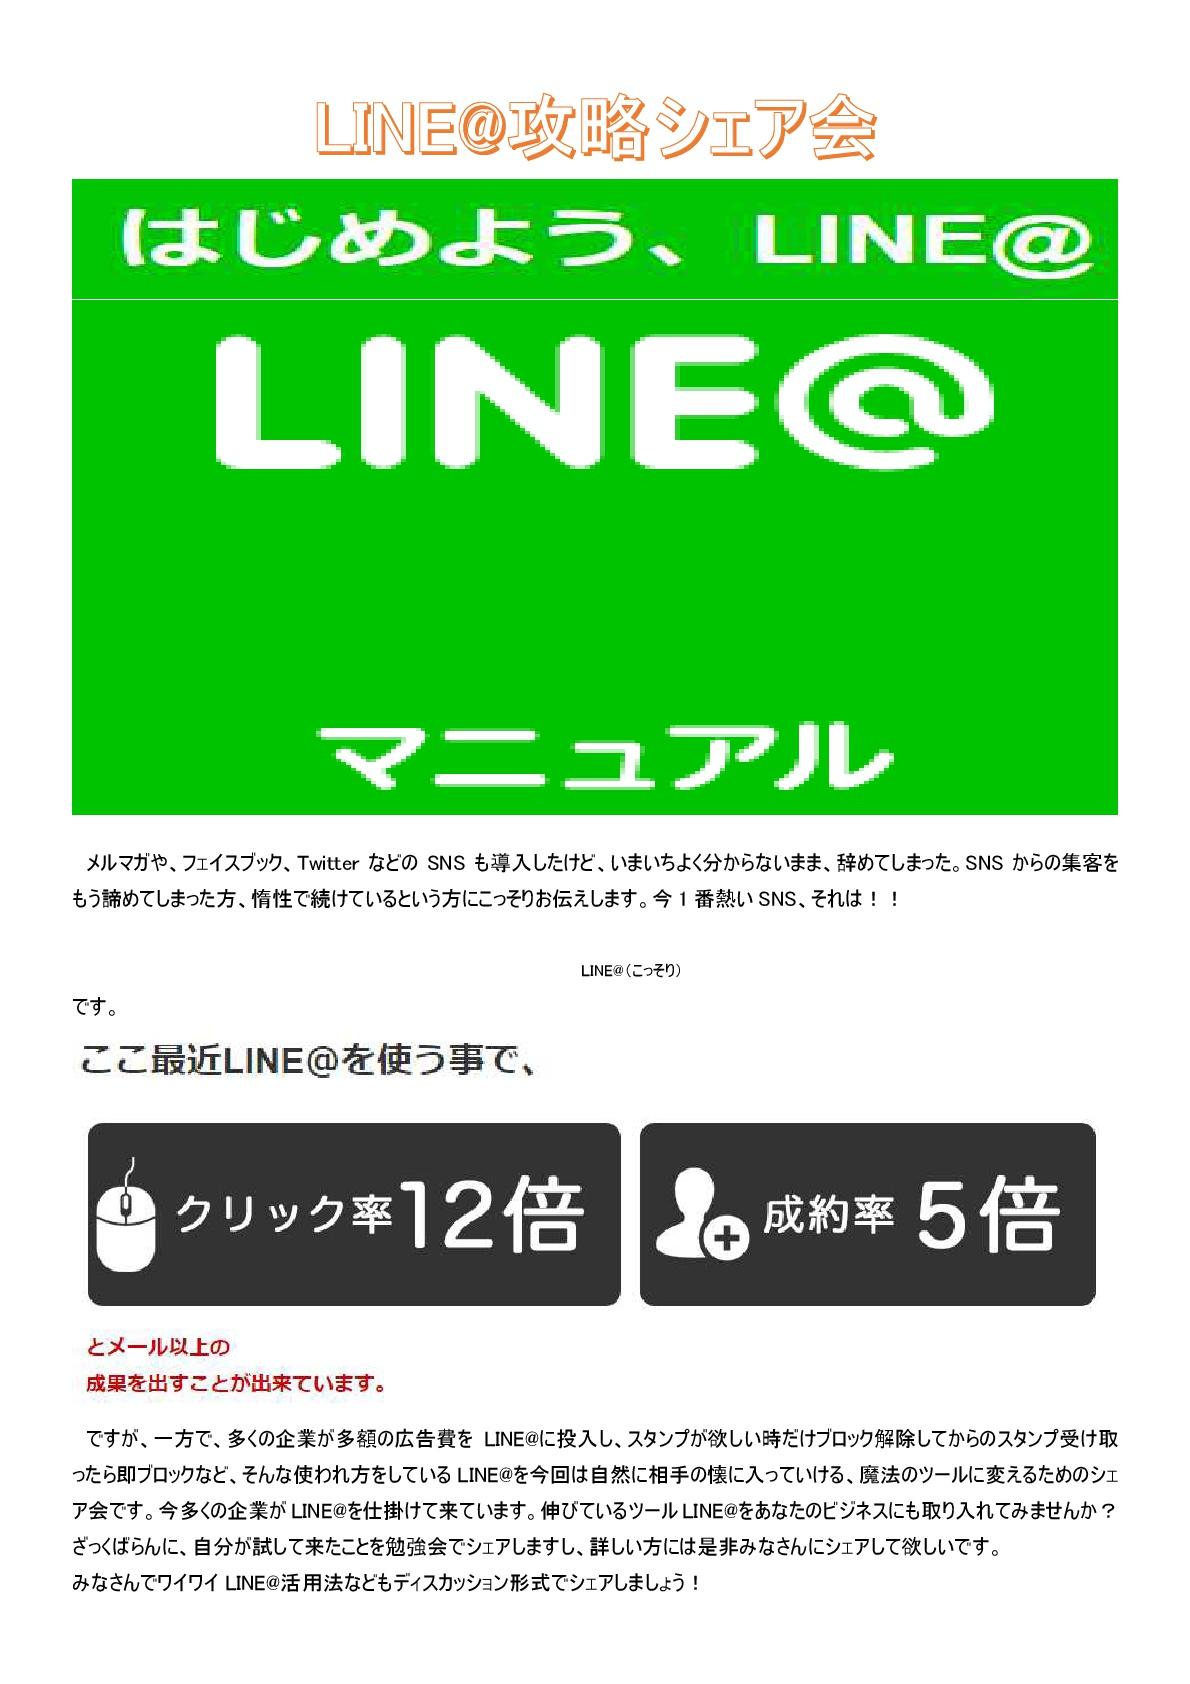 次回LINE@攻略シェア会